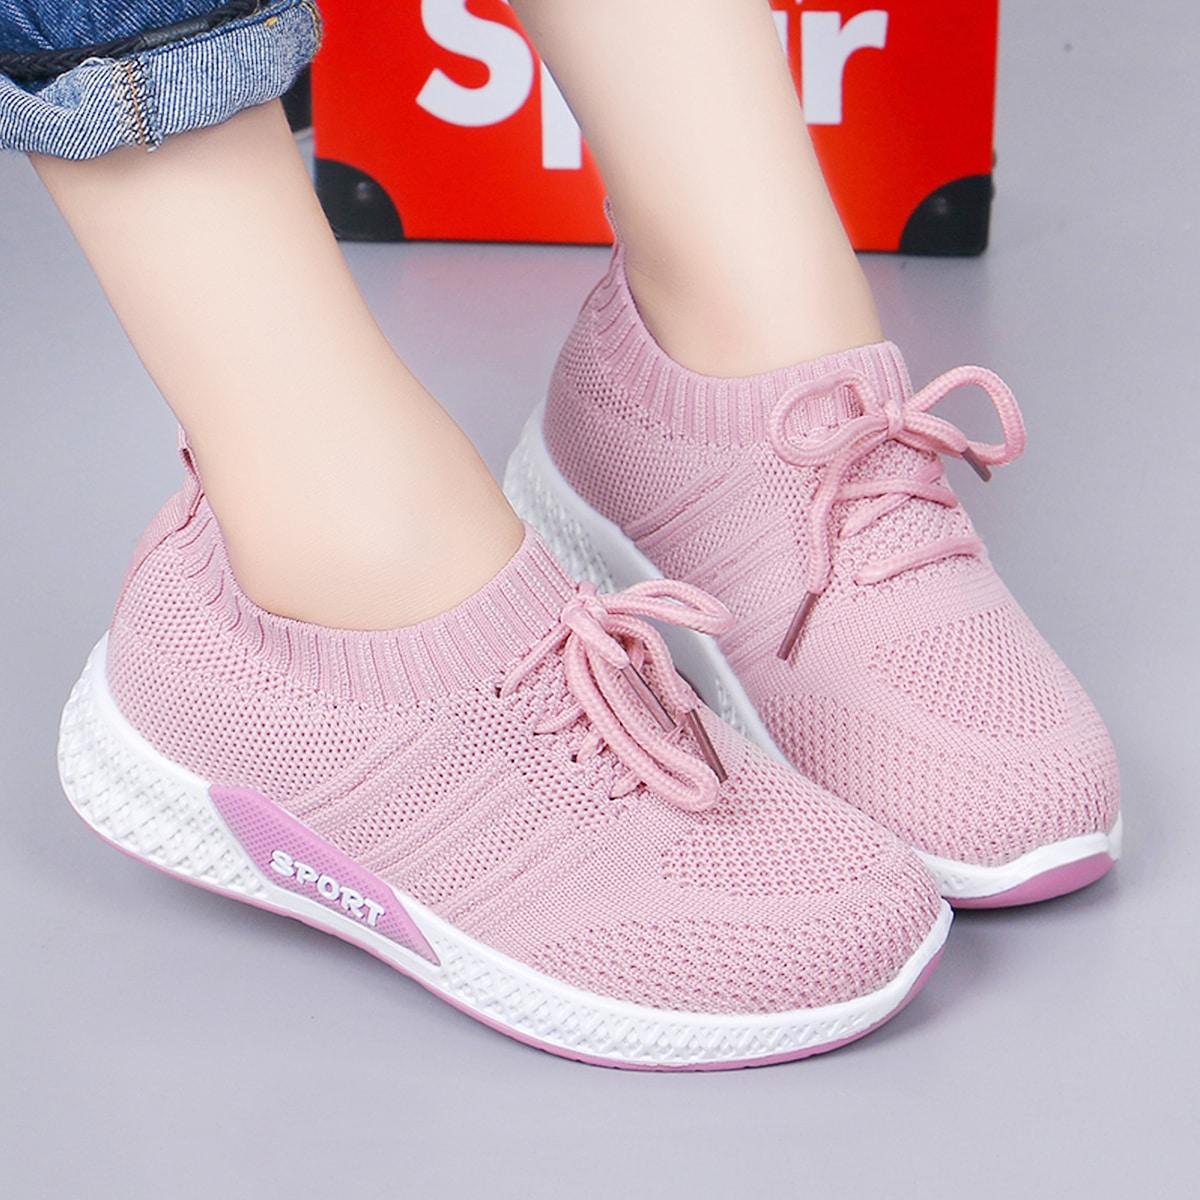 Кроссовки на шнуровках для девочек от SHEIN